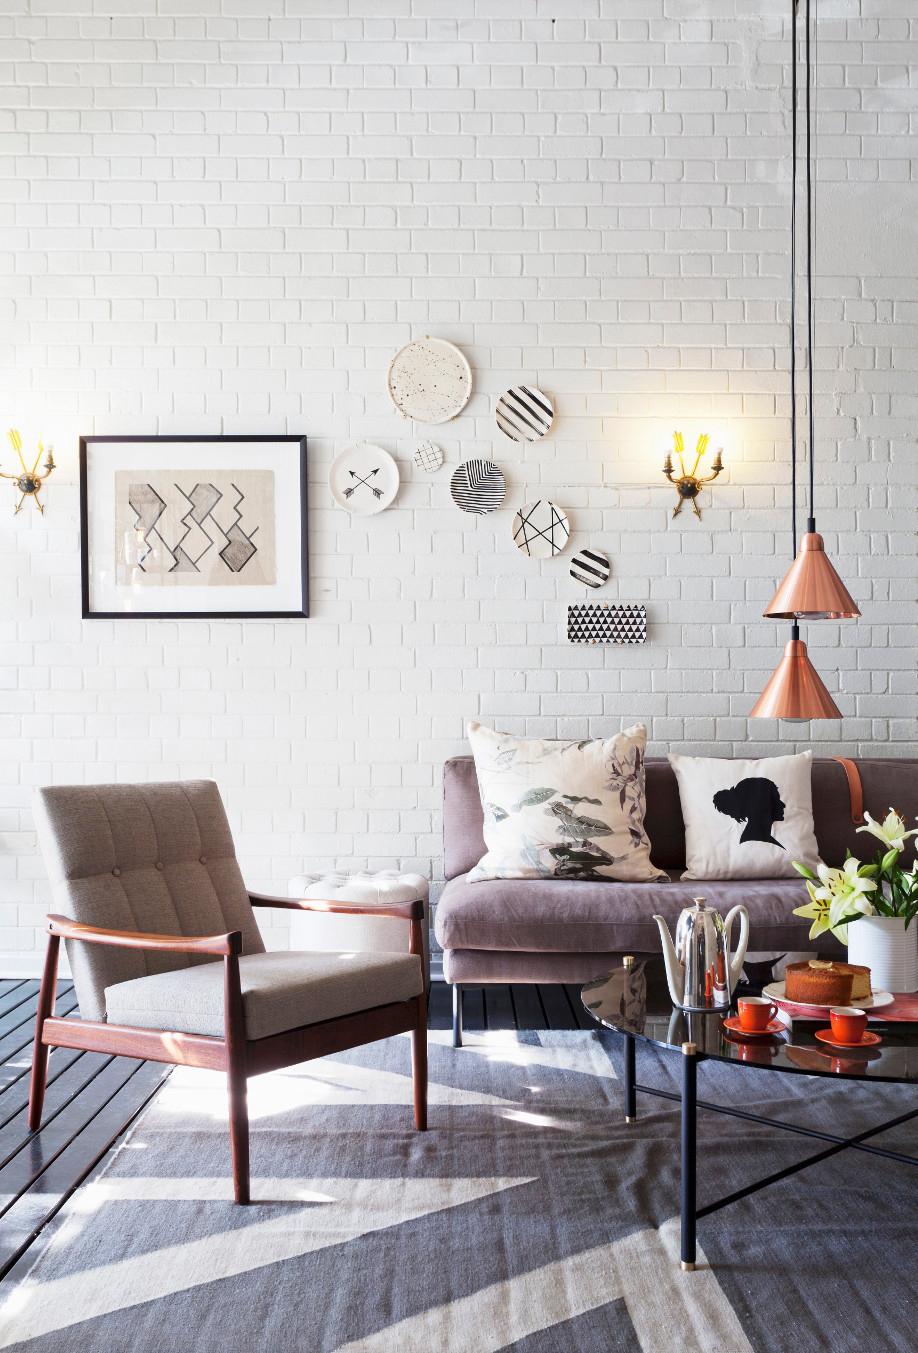 Arredare con il rame, Rame, Colori, Consigli, Decorazioni, Design, Idee